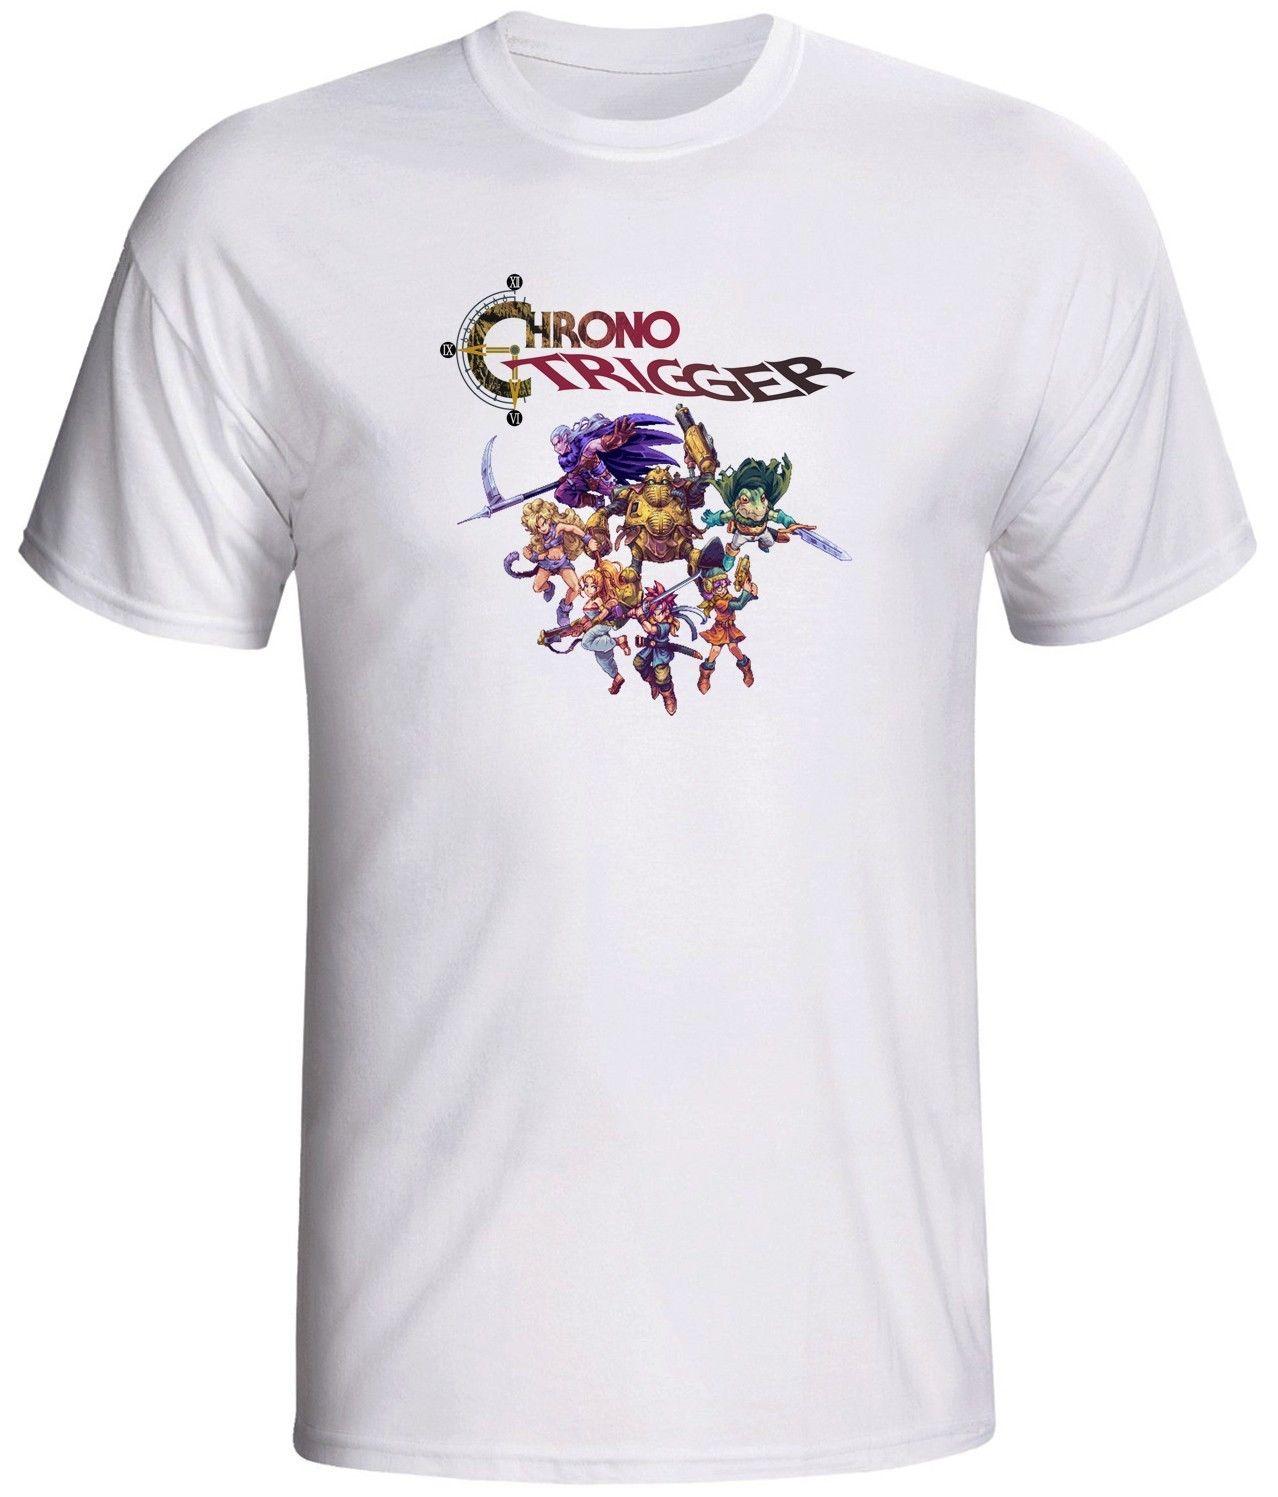 Chrono trigger gildan camiseta personajes de videojuegos